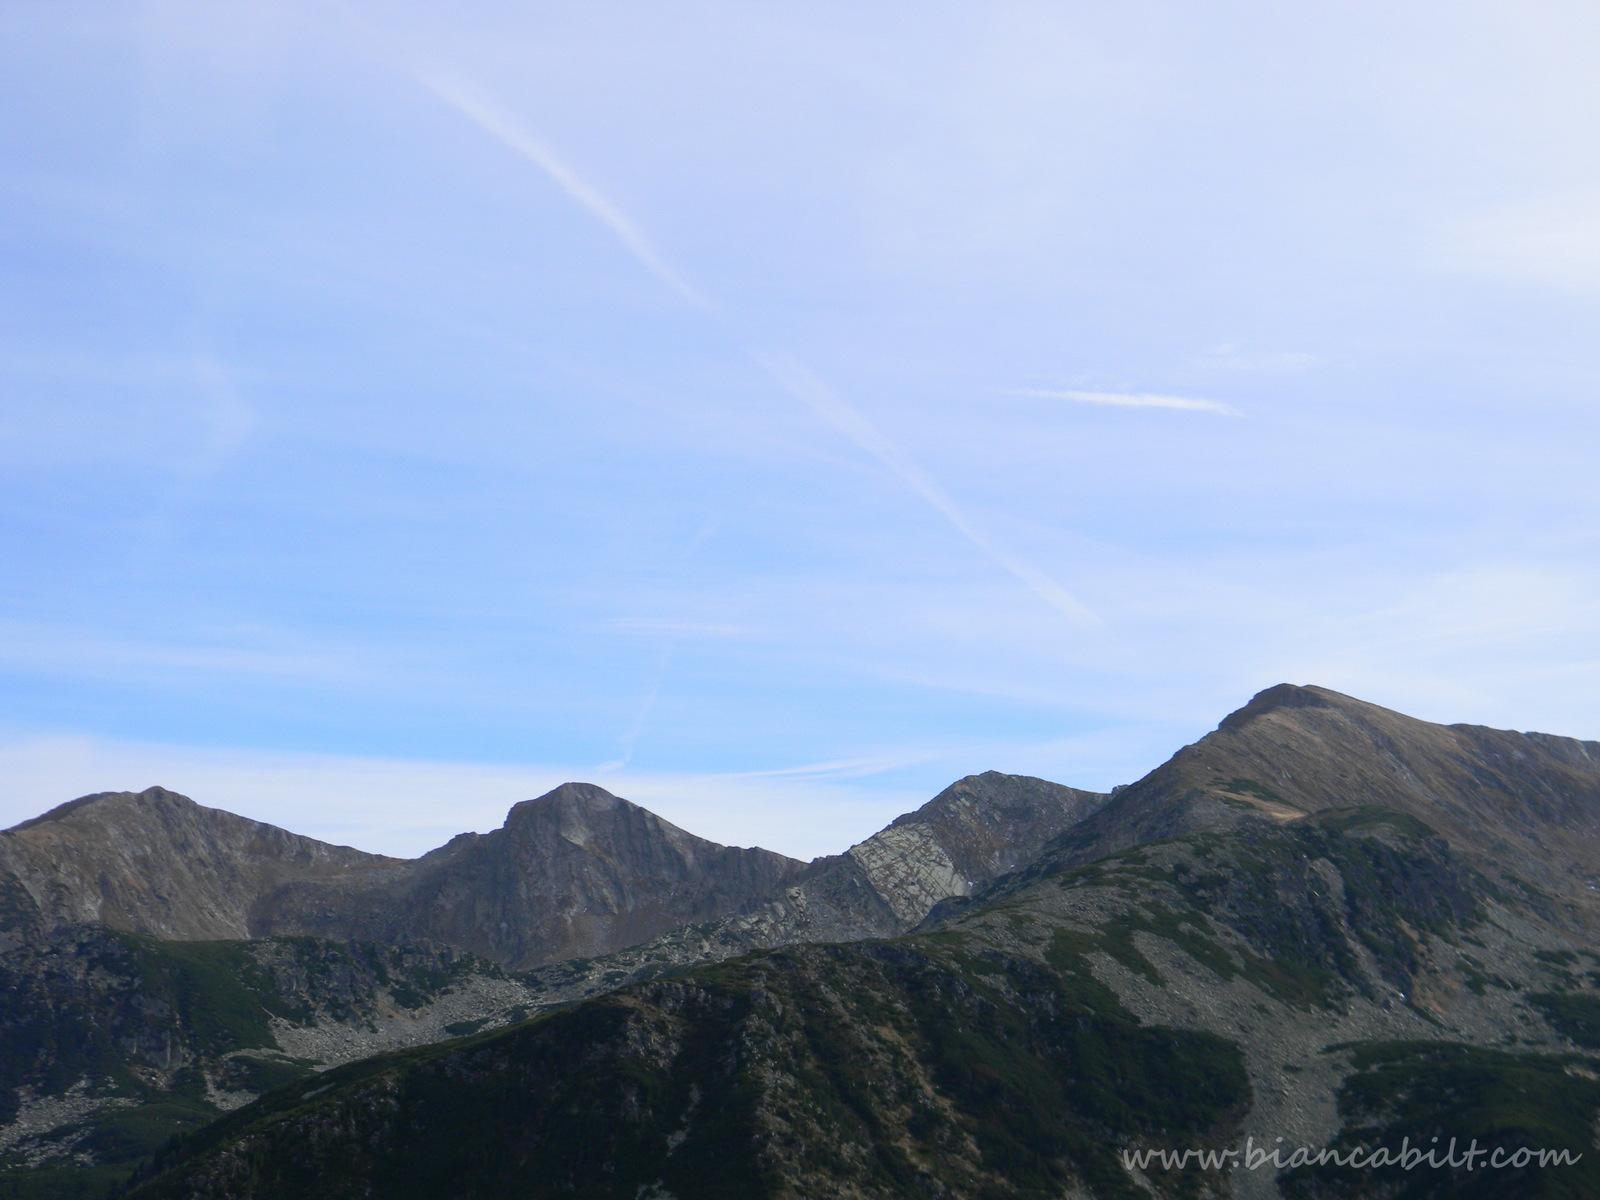 Și câștigăm altitudine...iar Retezatul ni se arată din ce în ce mai frumos cu crestele lui.